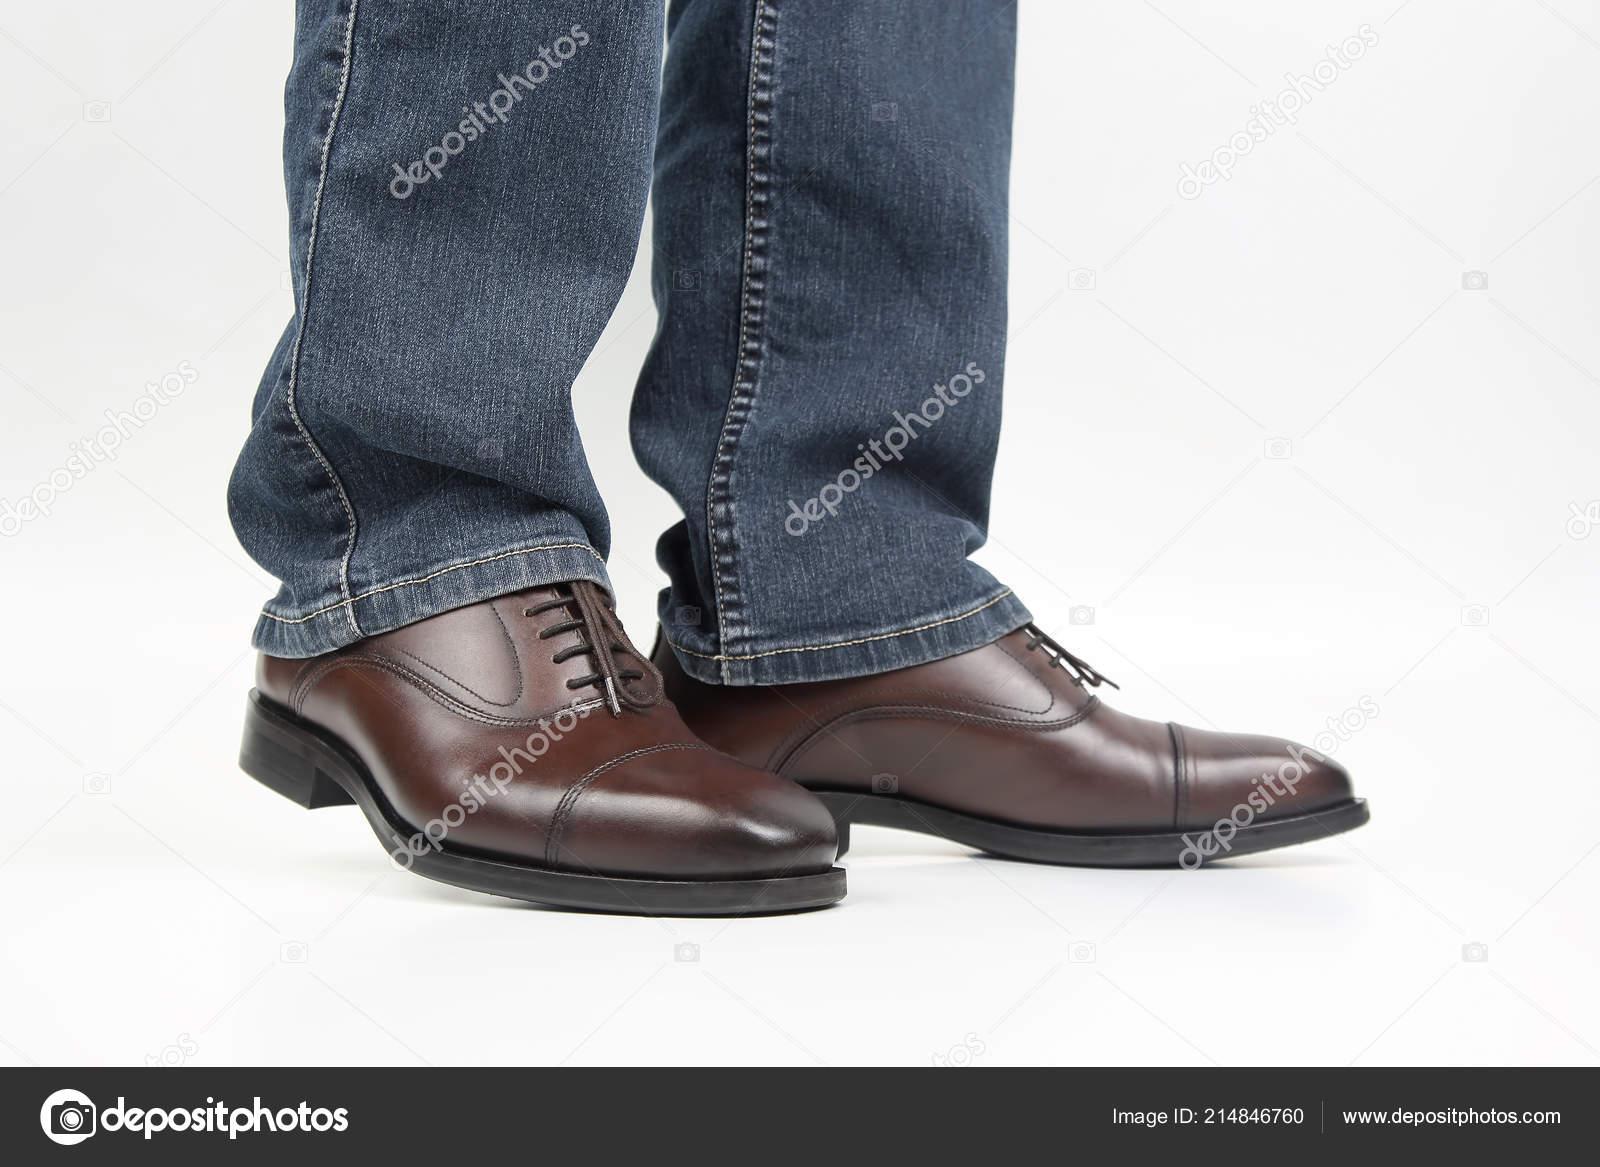 Marrón Los Zapatos Calzados Clásico Piernas Jeans Hombres Oxford ygvY7Ifb6